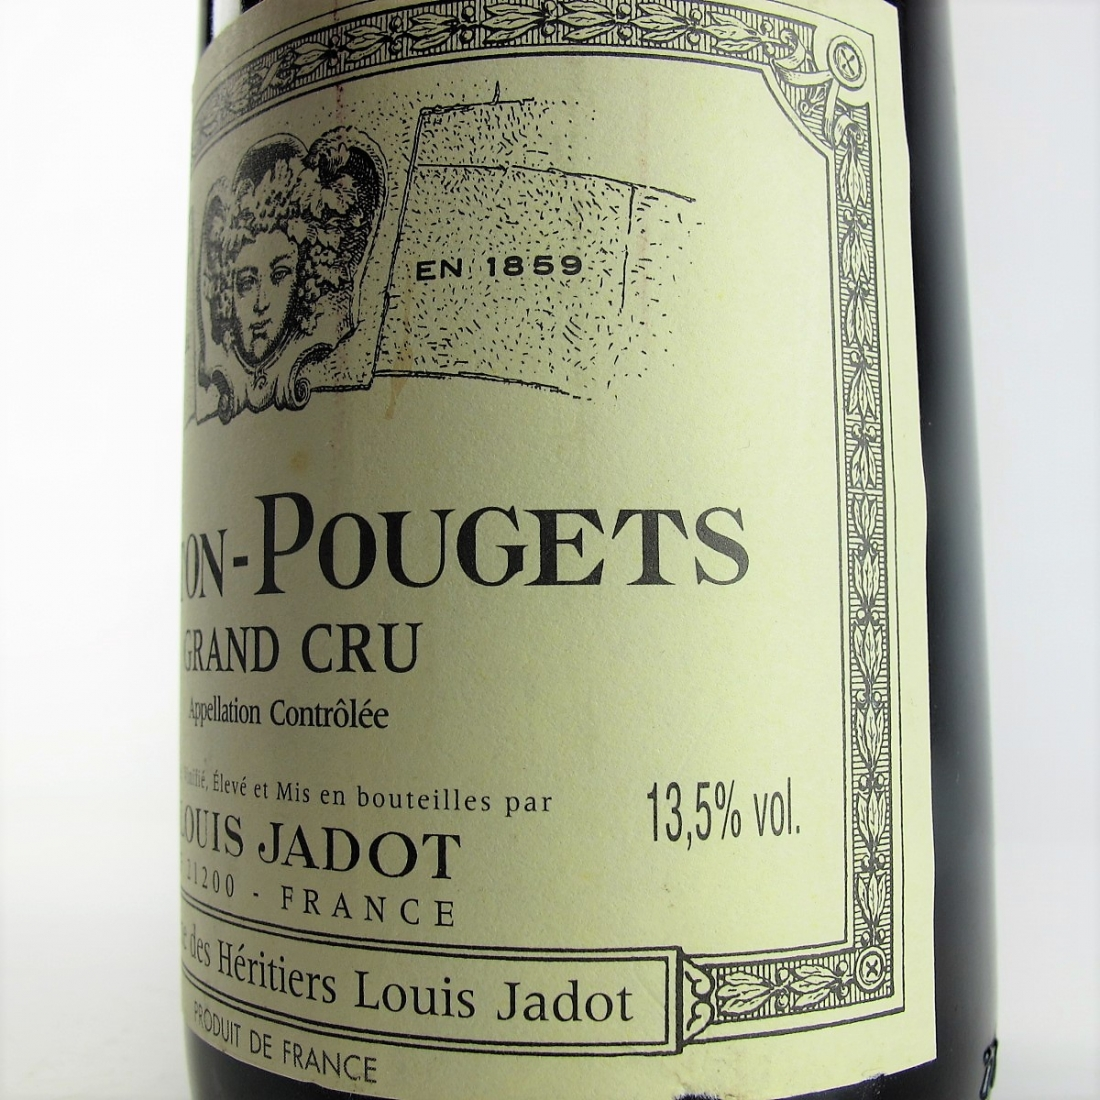 Louis Jadot 1998 Corton-Pougets Grand-Cru